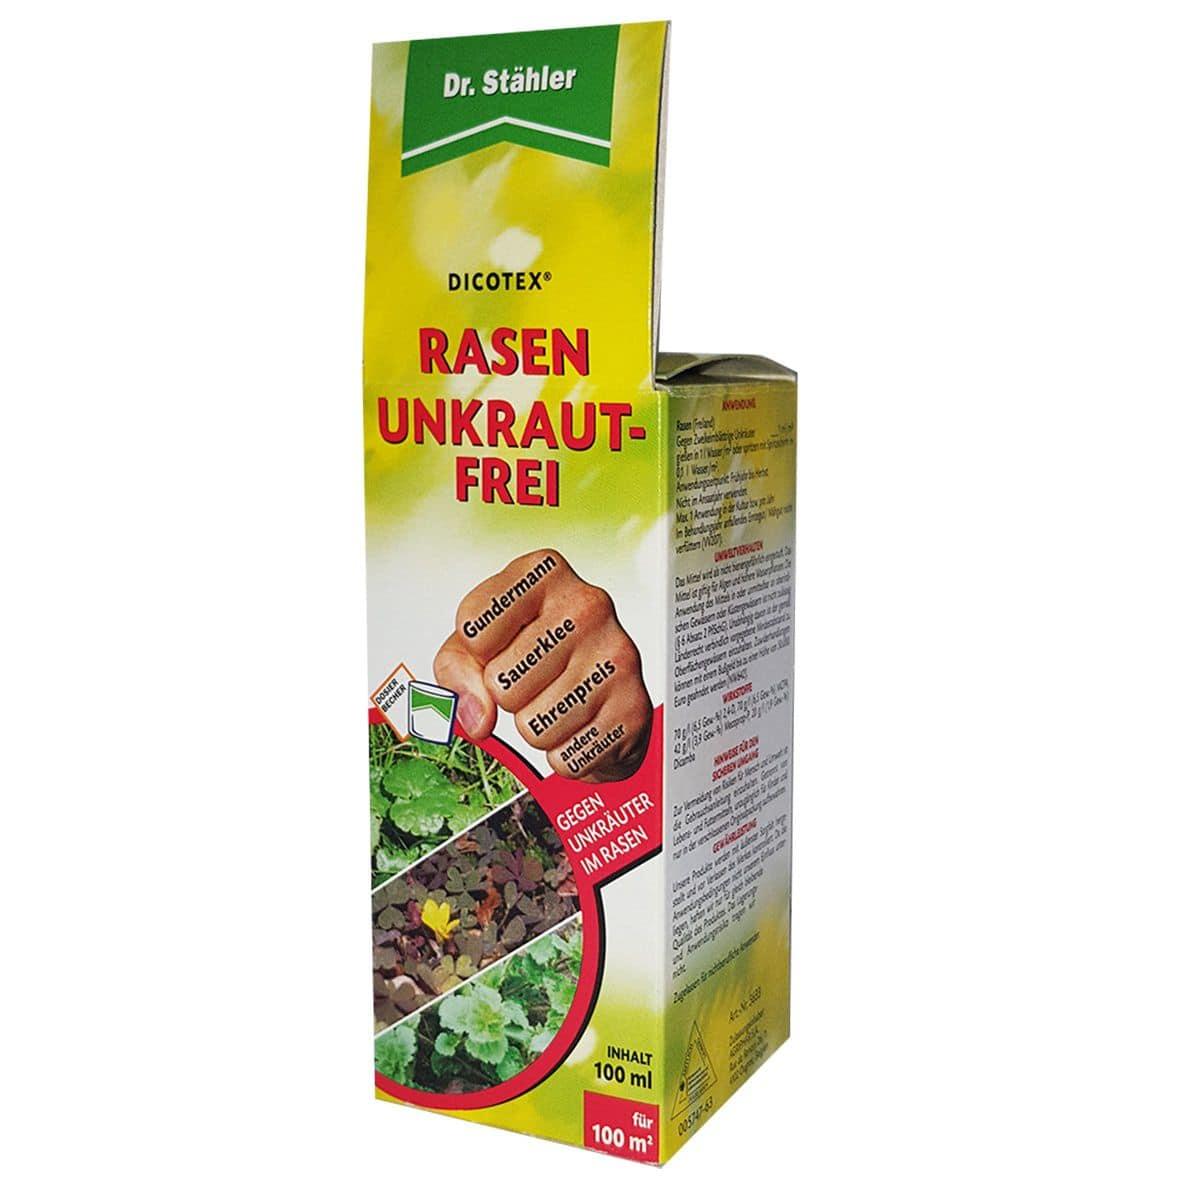 Dr. Stähler Dicotex Rasen Unkraut-Frei Super 500 ml für 500 m²